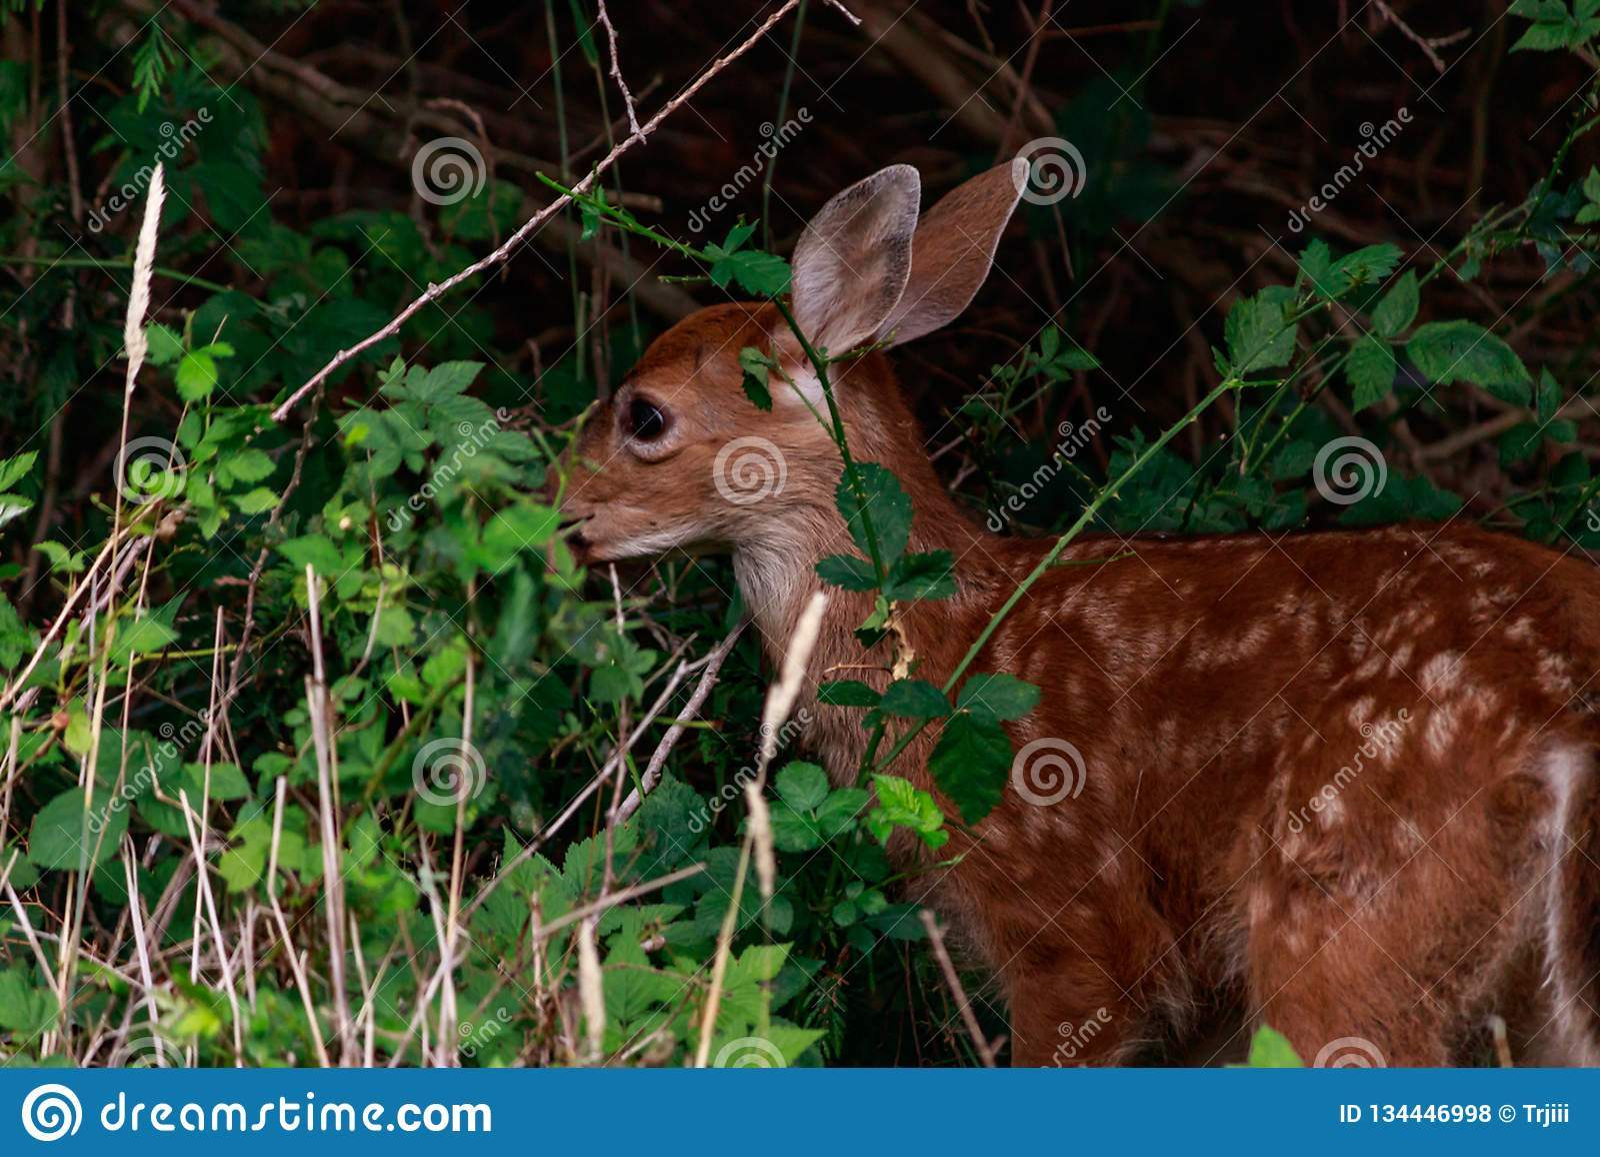 Kitz hinter hohem Gras und Büsche, die im Wald essen